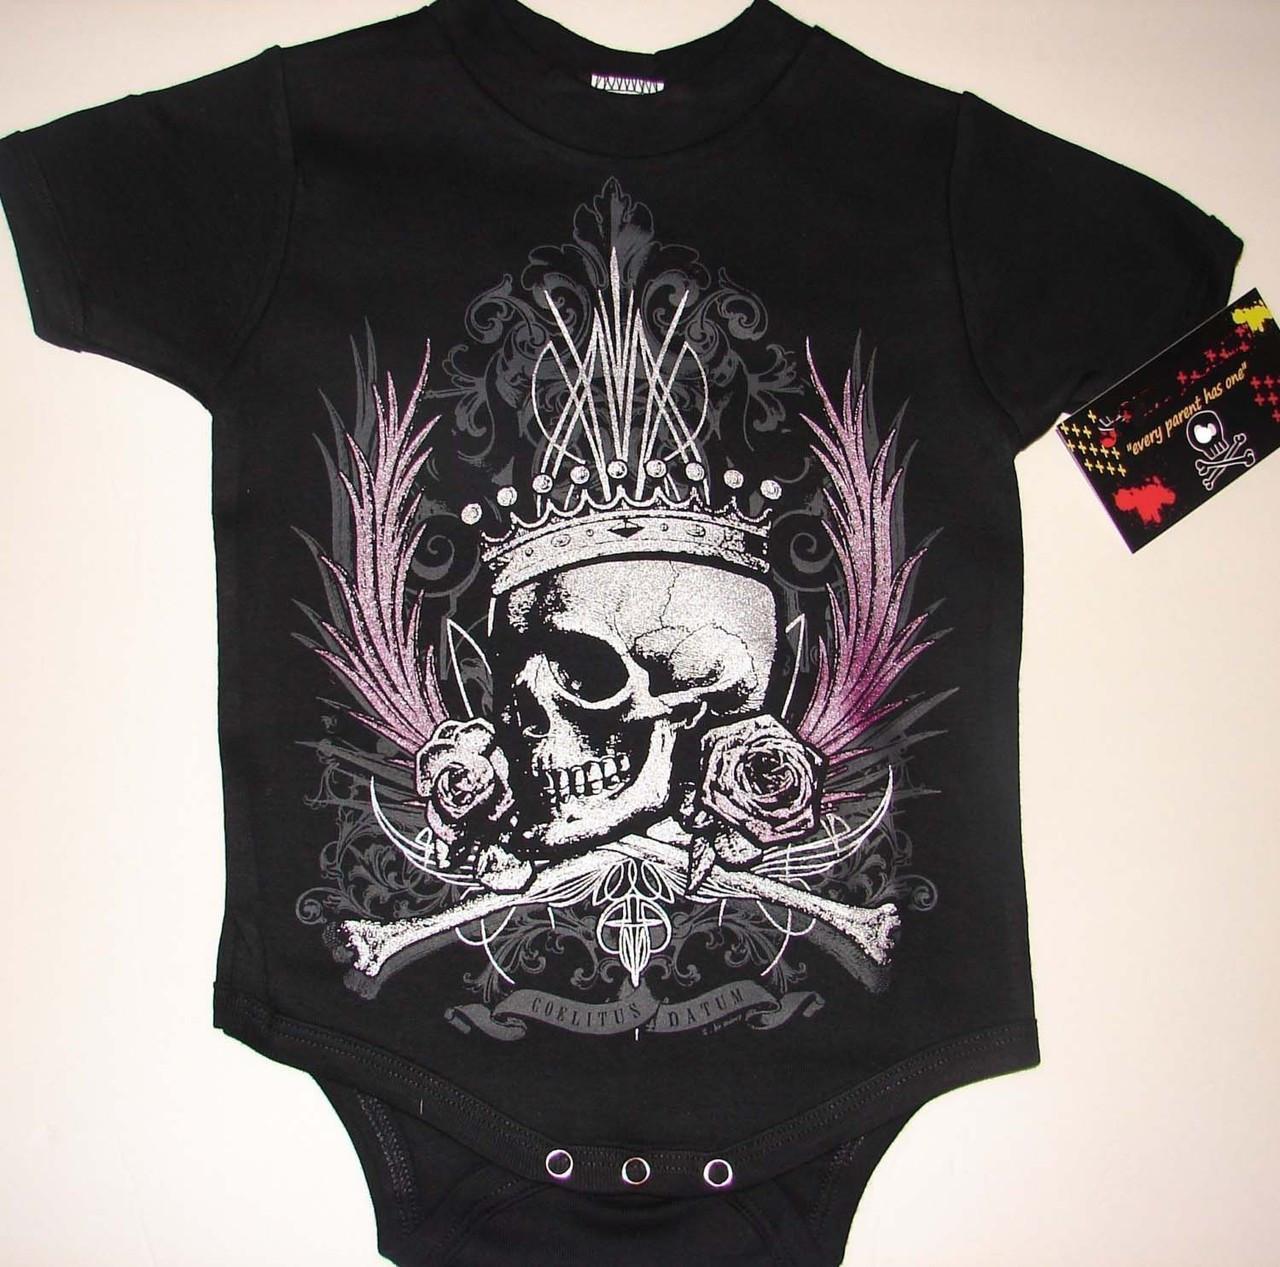 Punk Rock Crown Skull Roses Metallic Black Baby Onesie or ...